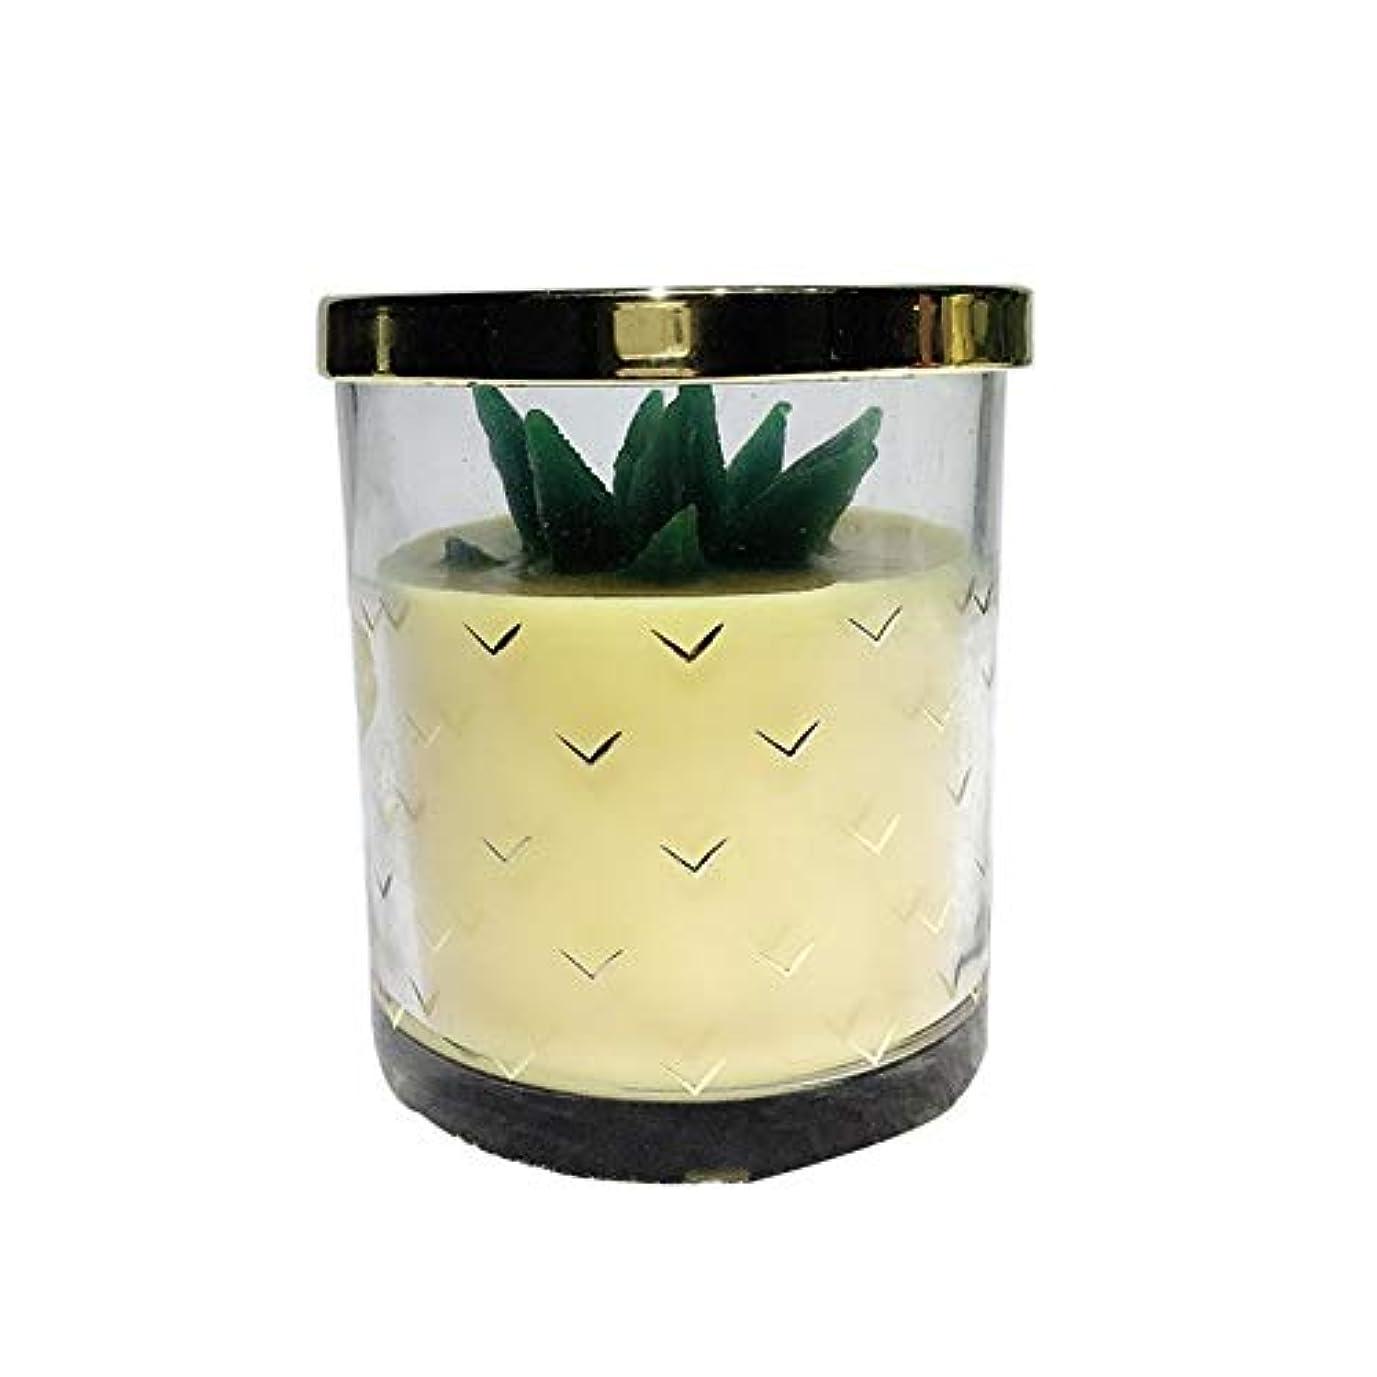 呪い怒って怖がらせるGuomao 大豆ワックスフルーツキャンドルバレンタインデークリエイティブギフト (色 : Pineapple)